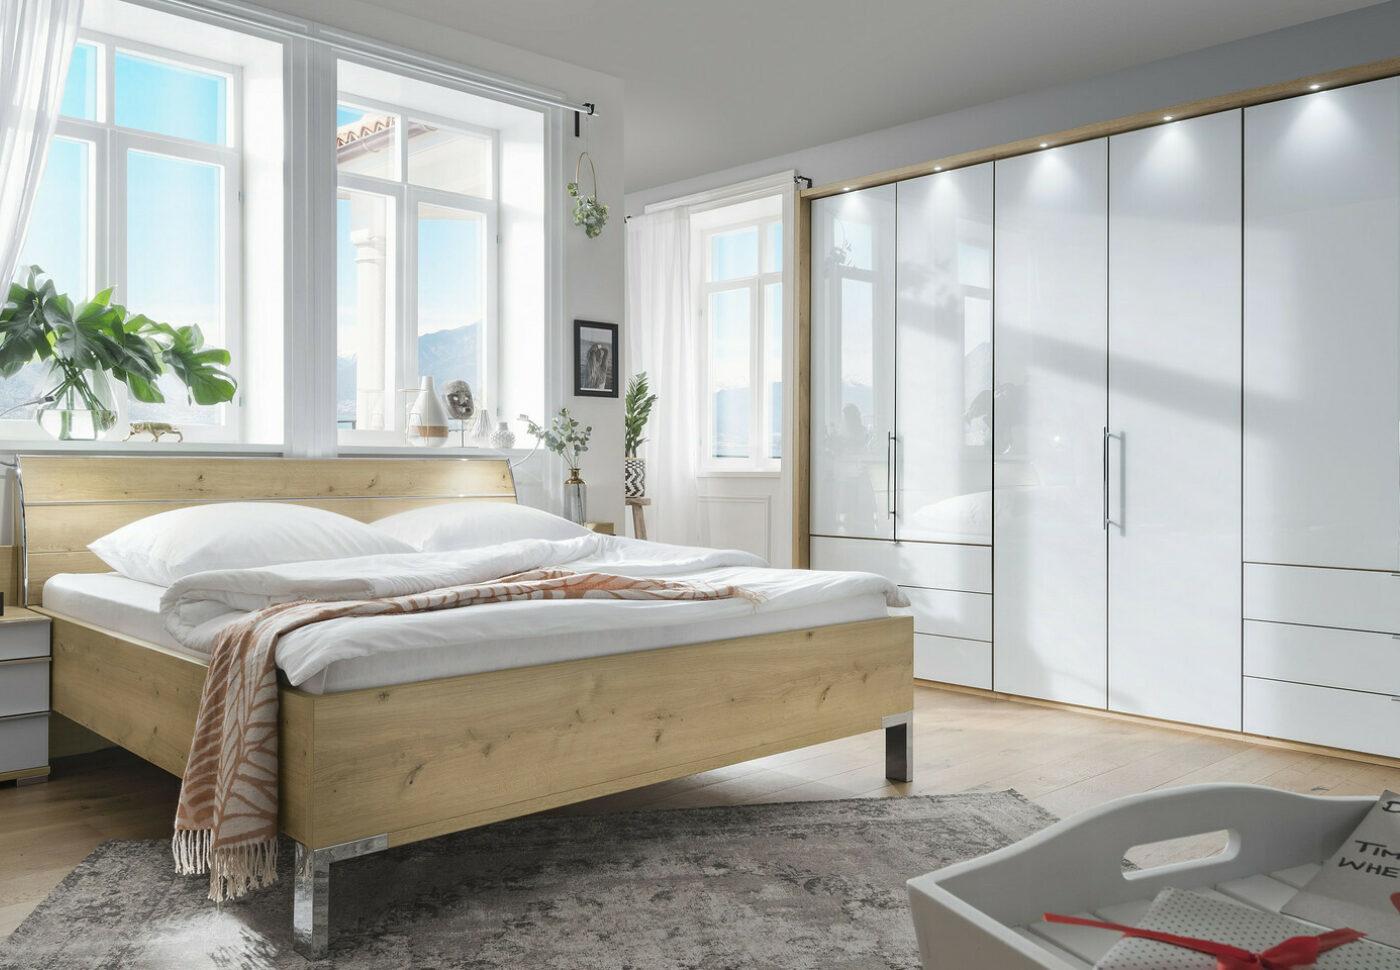 Csm Loft Schlafzimmer modern Bianco Eiche Nachbildung Glas weiss mit Schubkaesten 247130e16b